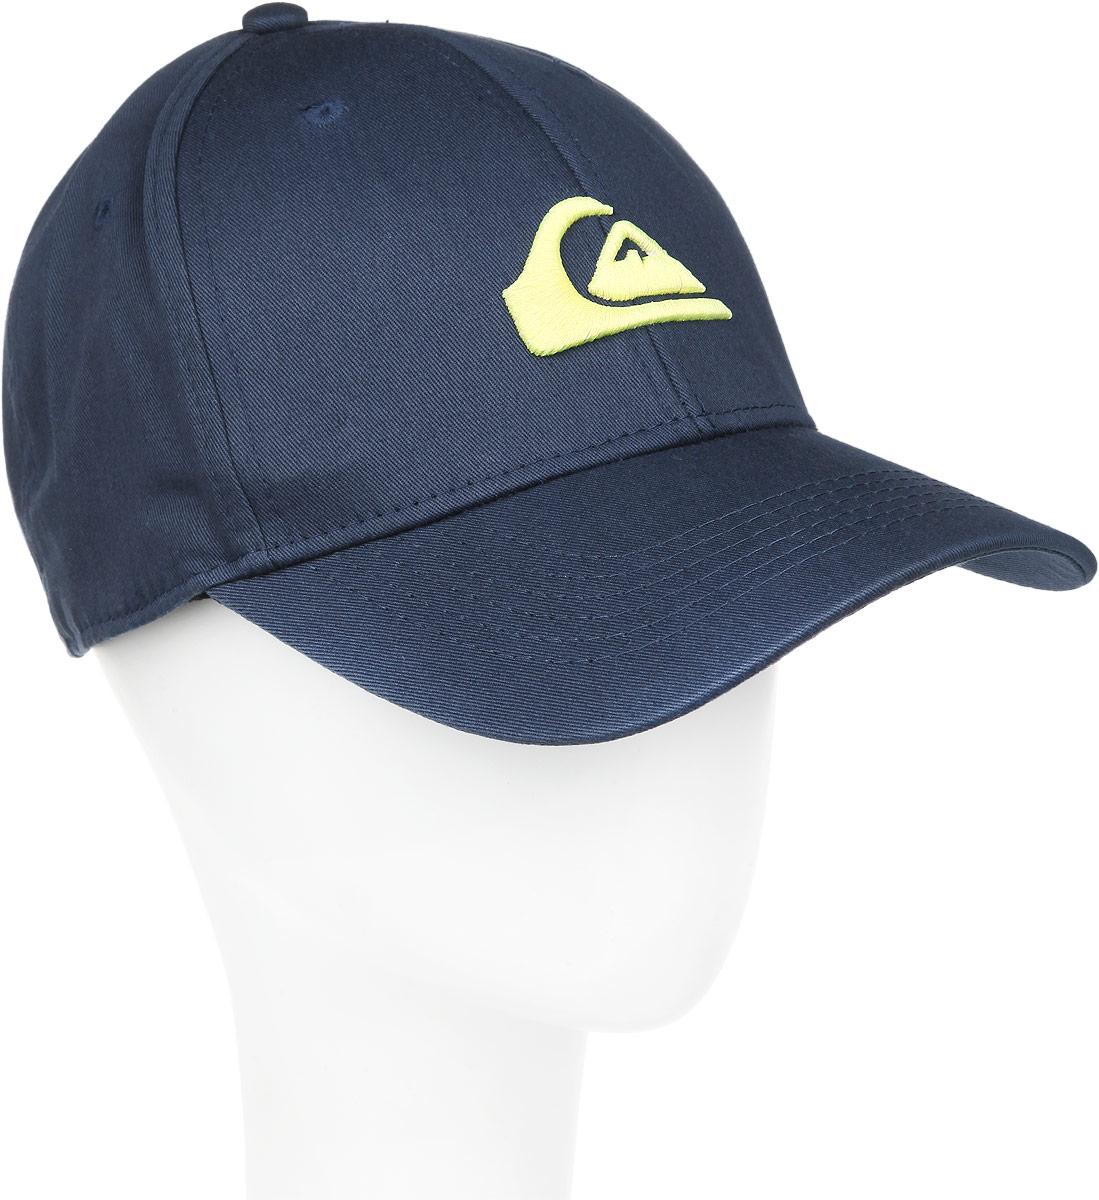 Бейсболка мужская Decades M. AQYHA03387AQYHA03387-BMJ0Классическая мужская бейсболка Quiksilver Decades M, изготовленная из полиэстера с добавлением хлопка, идеально подойдет для активного отдыха и обеспечит надежную защиту головы от солнца. Бейсболка имеет перфорацию, обеспечивающую дополнительную вентиляцию. Бейсболка декорирована вышивкой в виде логотипа производителя. Объем изделия регулируется благодаря двумя пластиковым хлястикам с кнопками и перфорацией. Такая бейсболка станет отличным аксессуаром для занятий спортом или дополнит ваш повседневный образ.